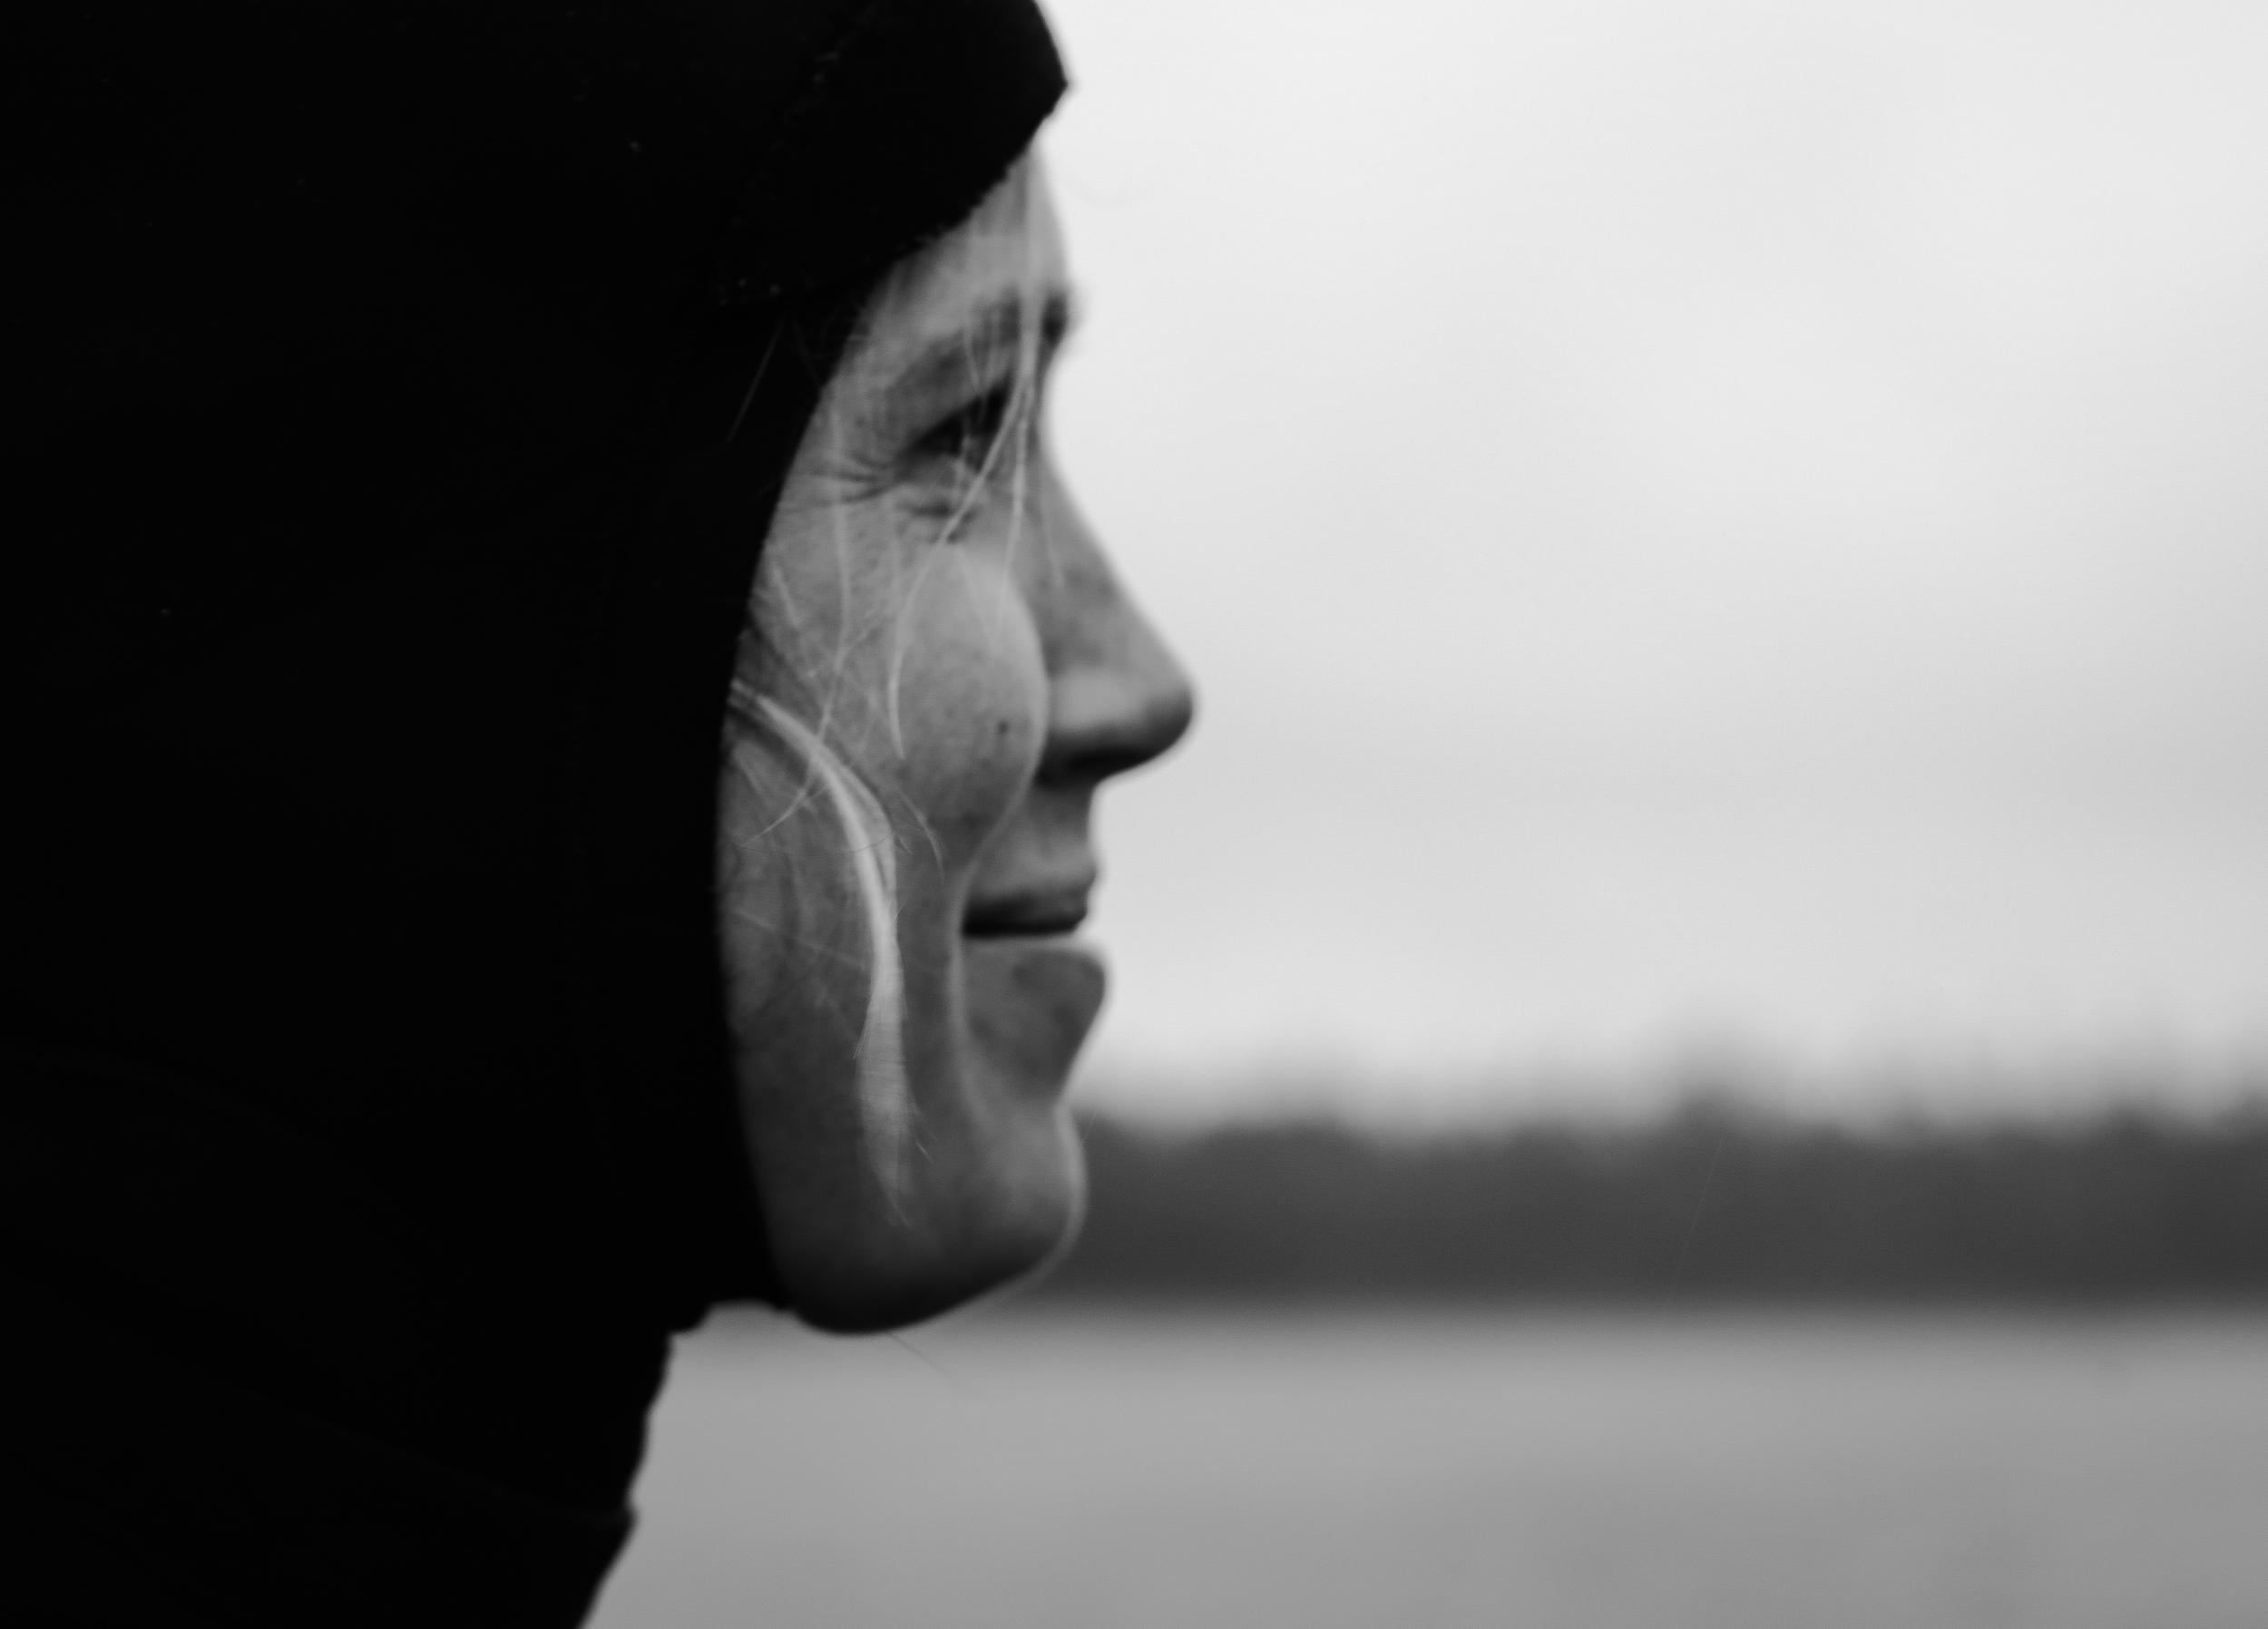 Sahara, wetsuit portrait